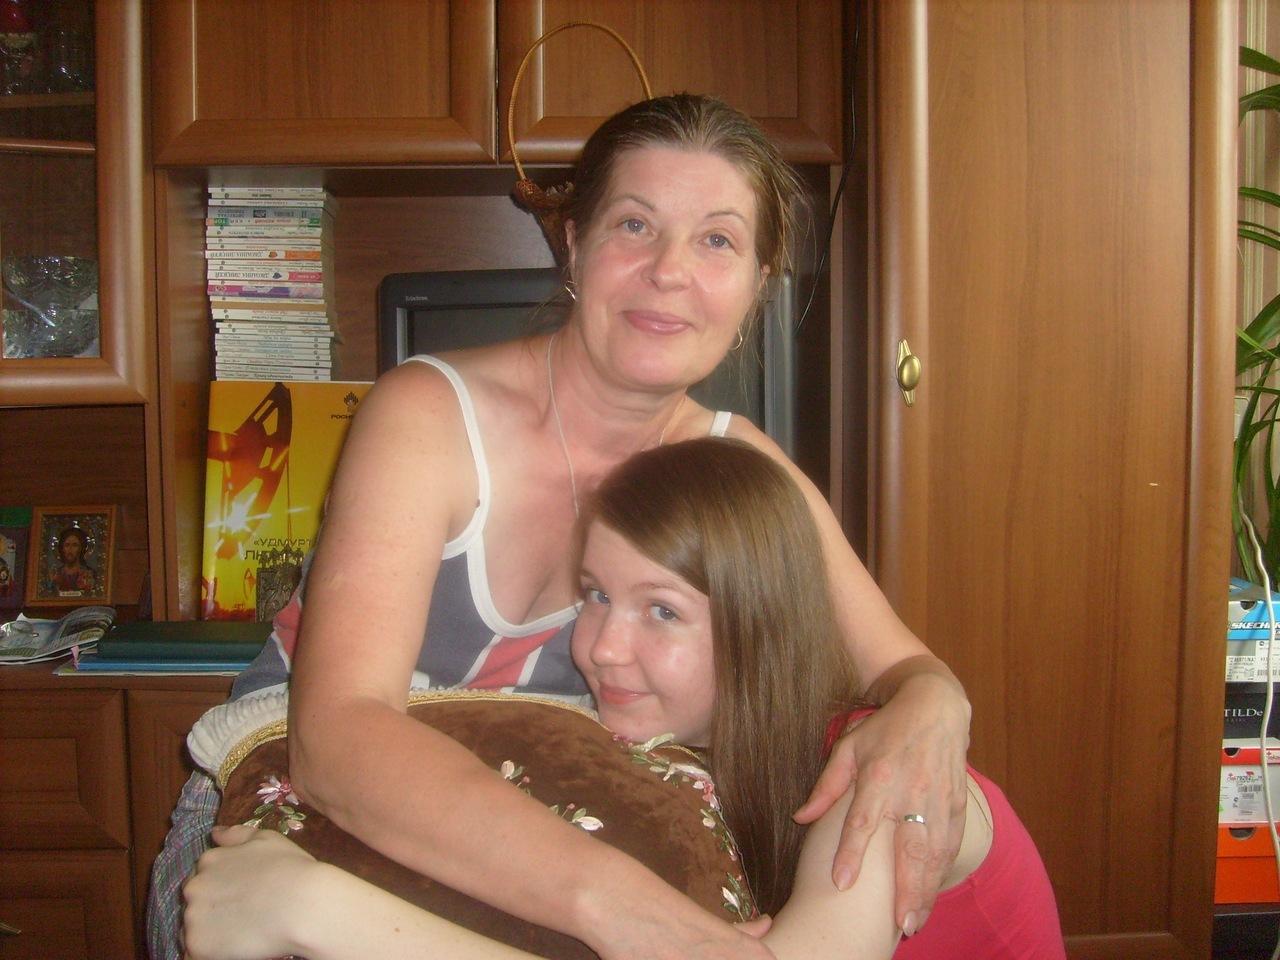 Секс с зрелой подругой мамы, Парня соблазняет подруга мамы 6 фотография